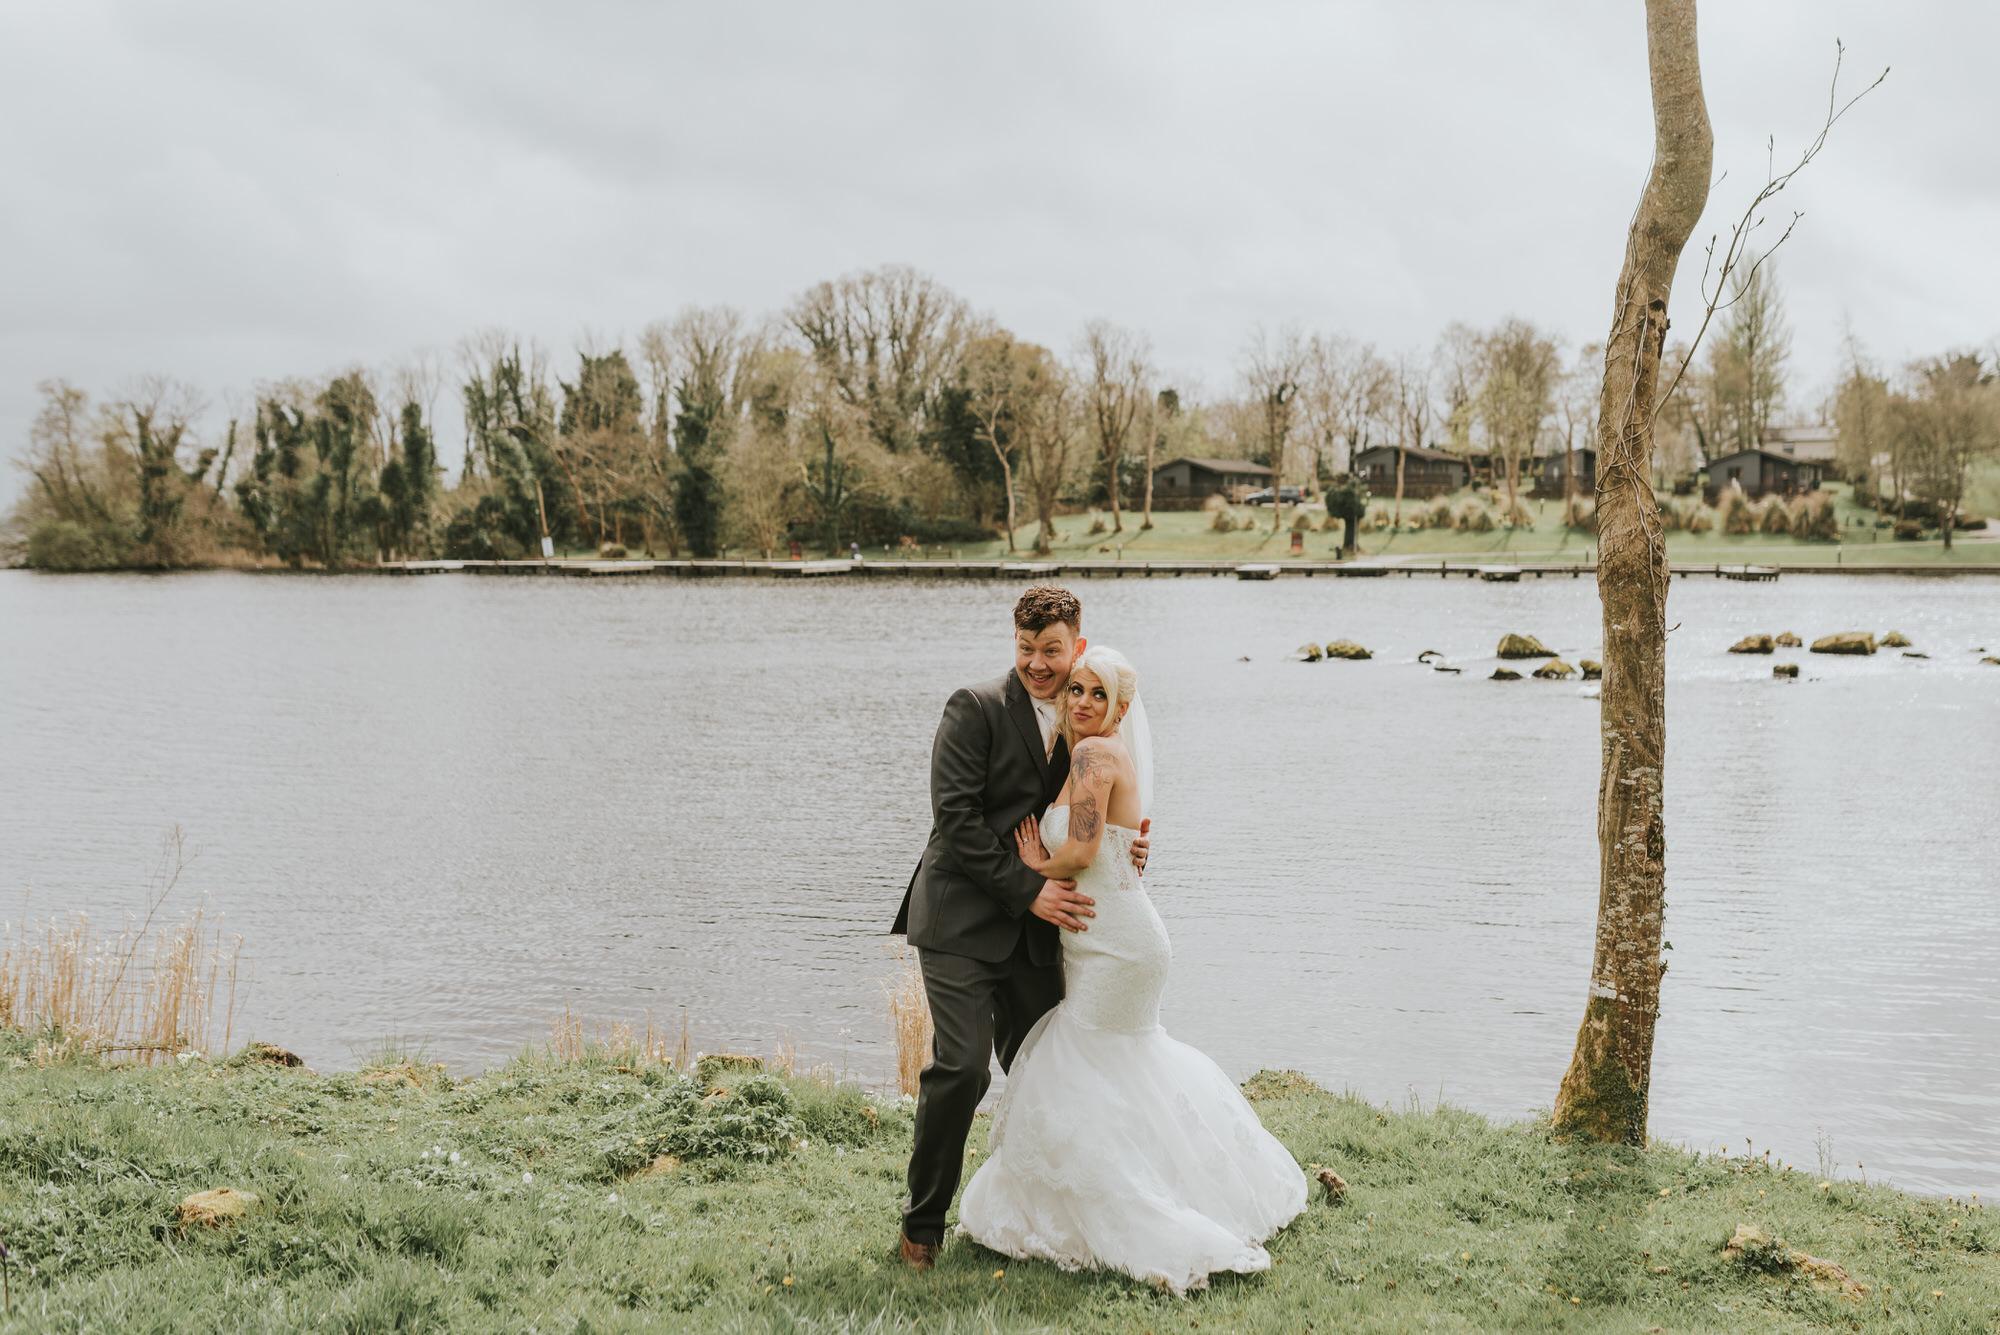 Lusty_Beg_Island_Wedding_59